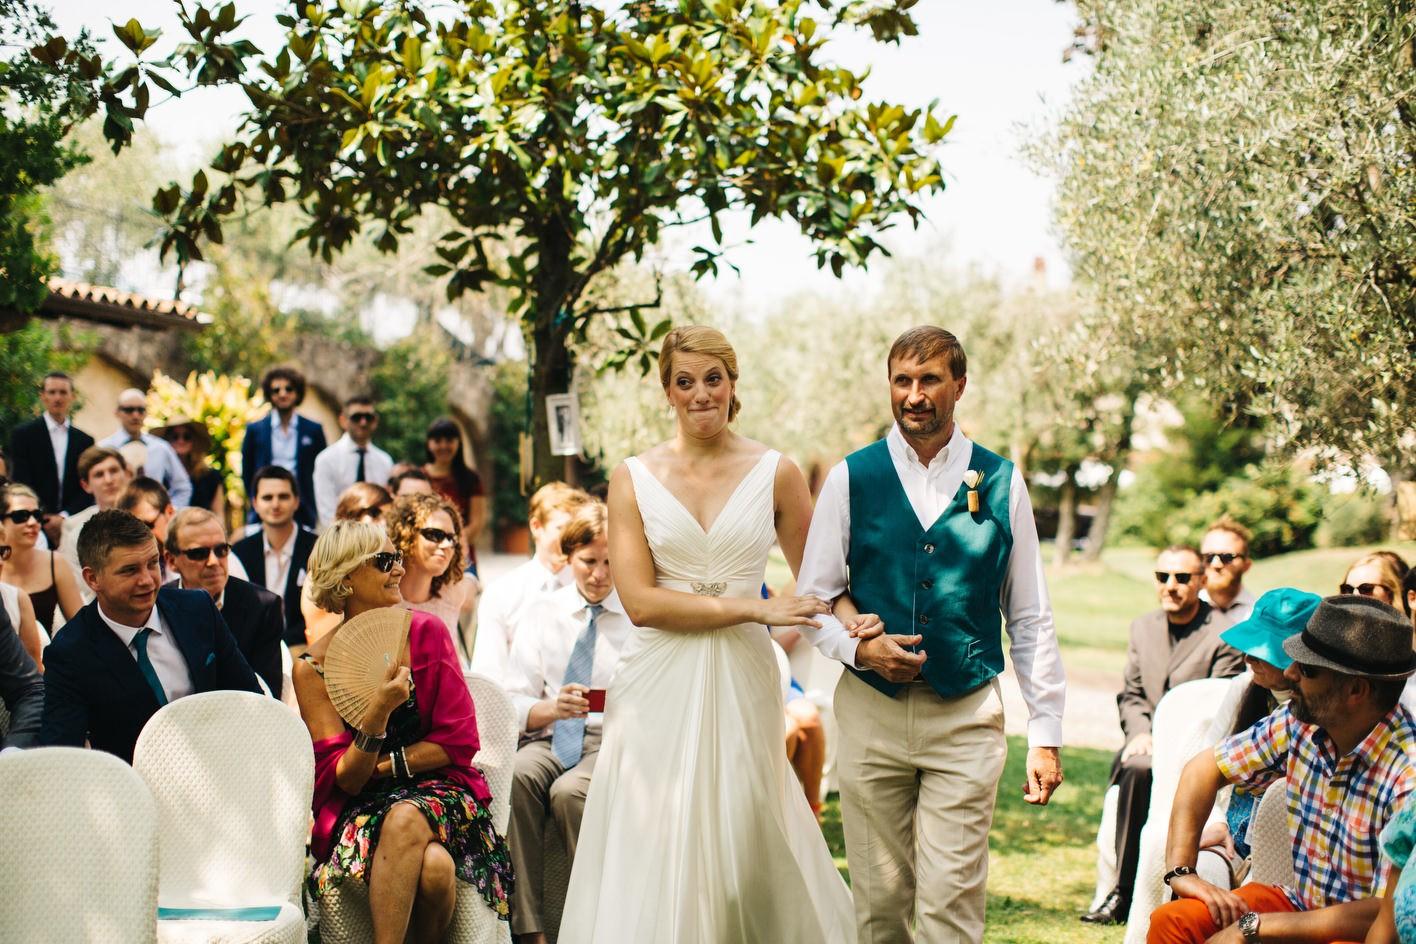 Bride walking down outdoor wedding ceremony